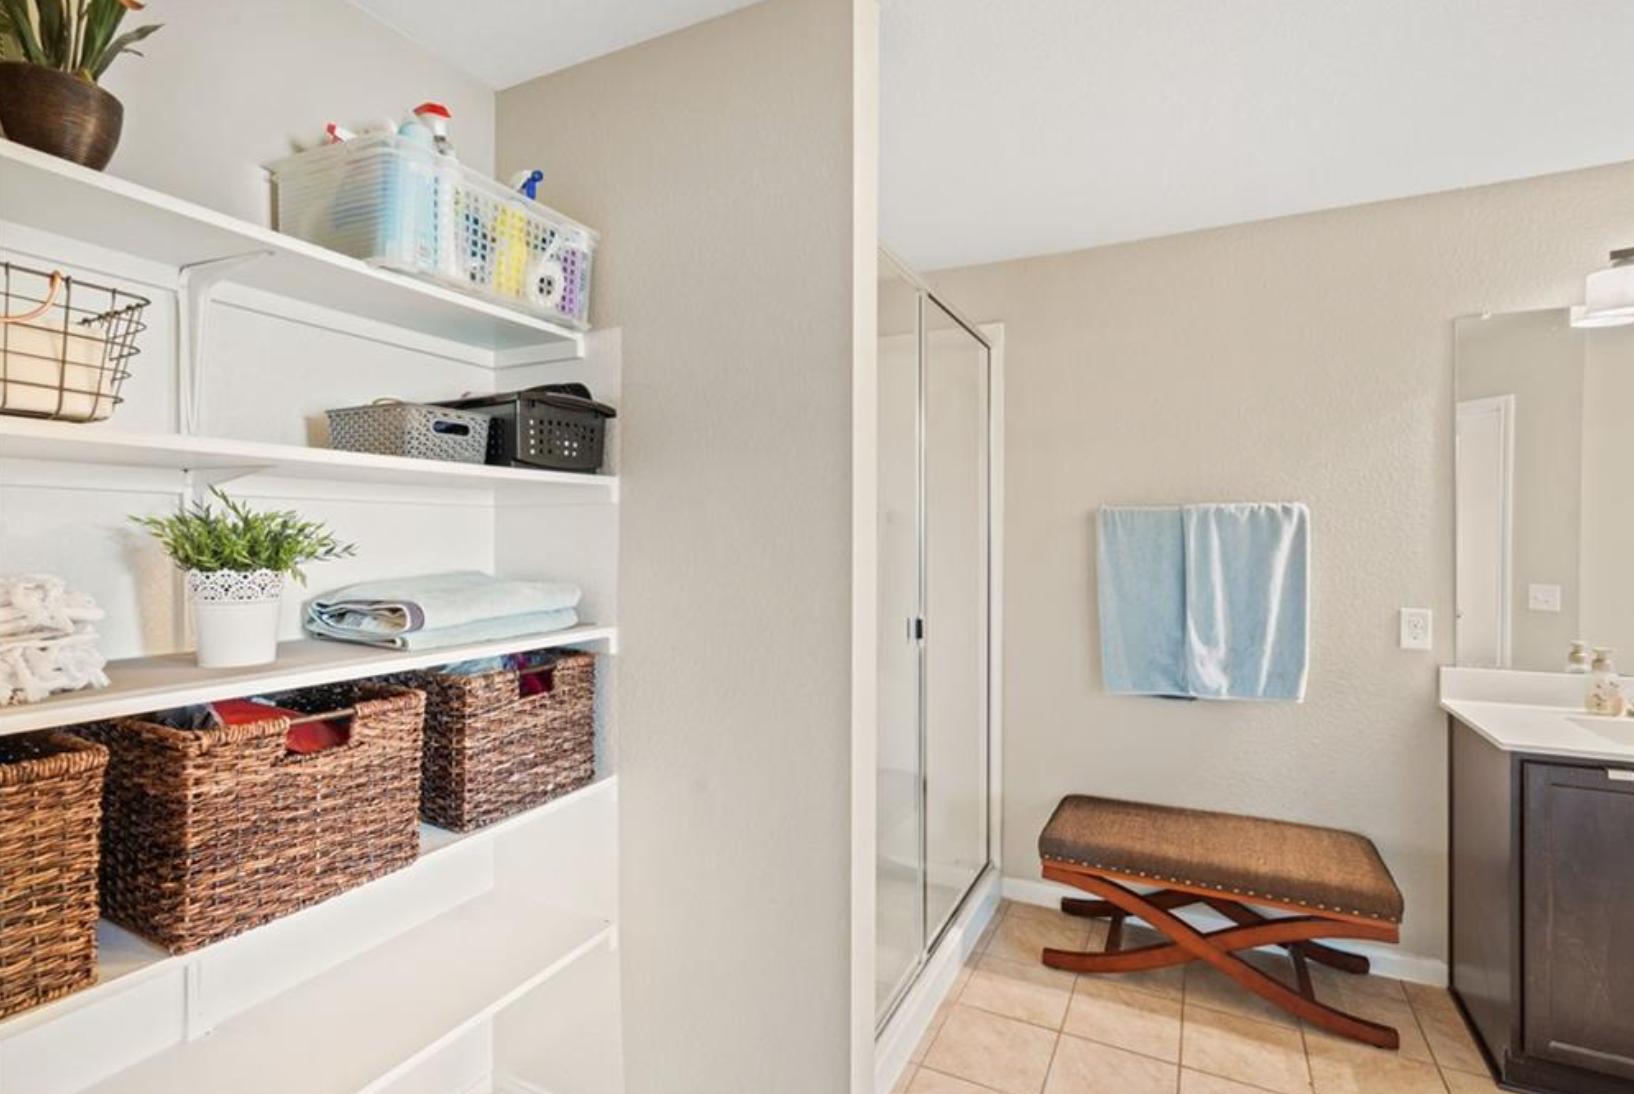 Bathroom Built-in Storage